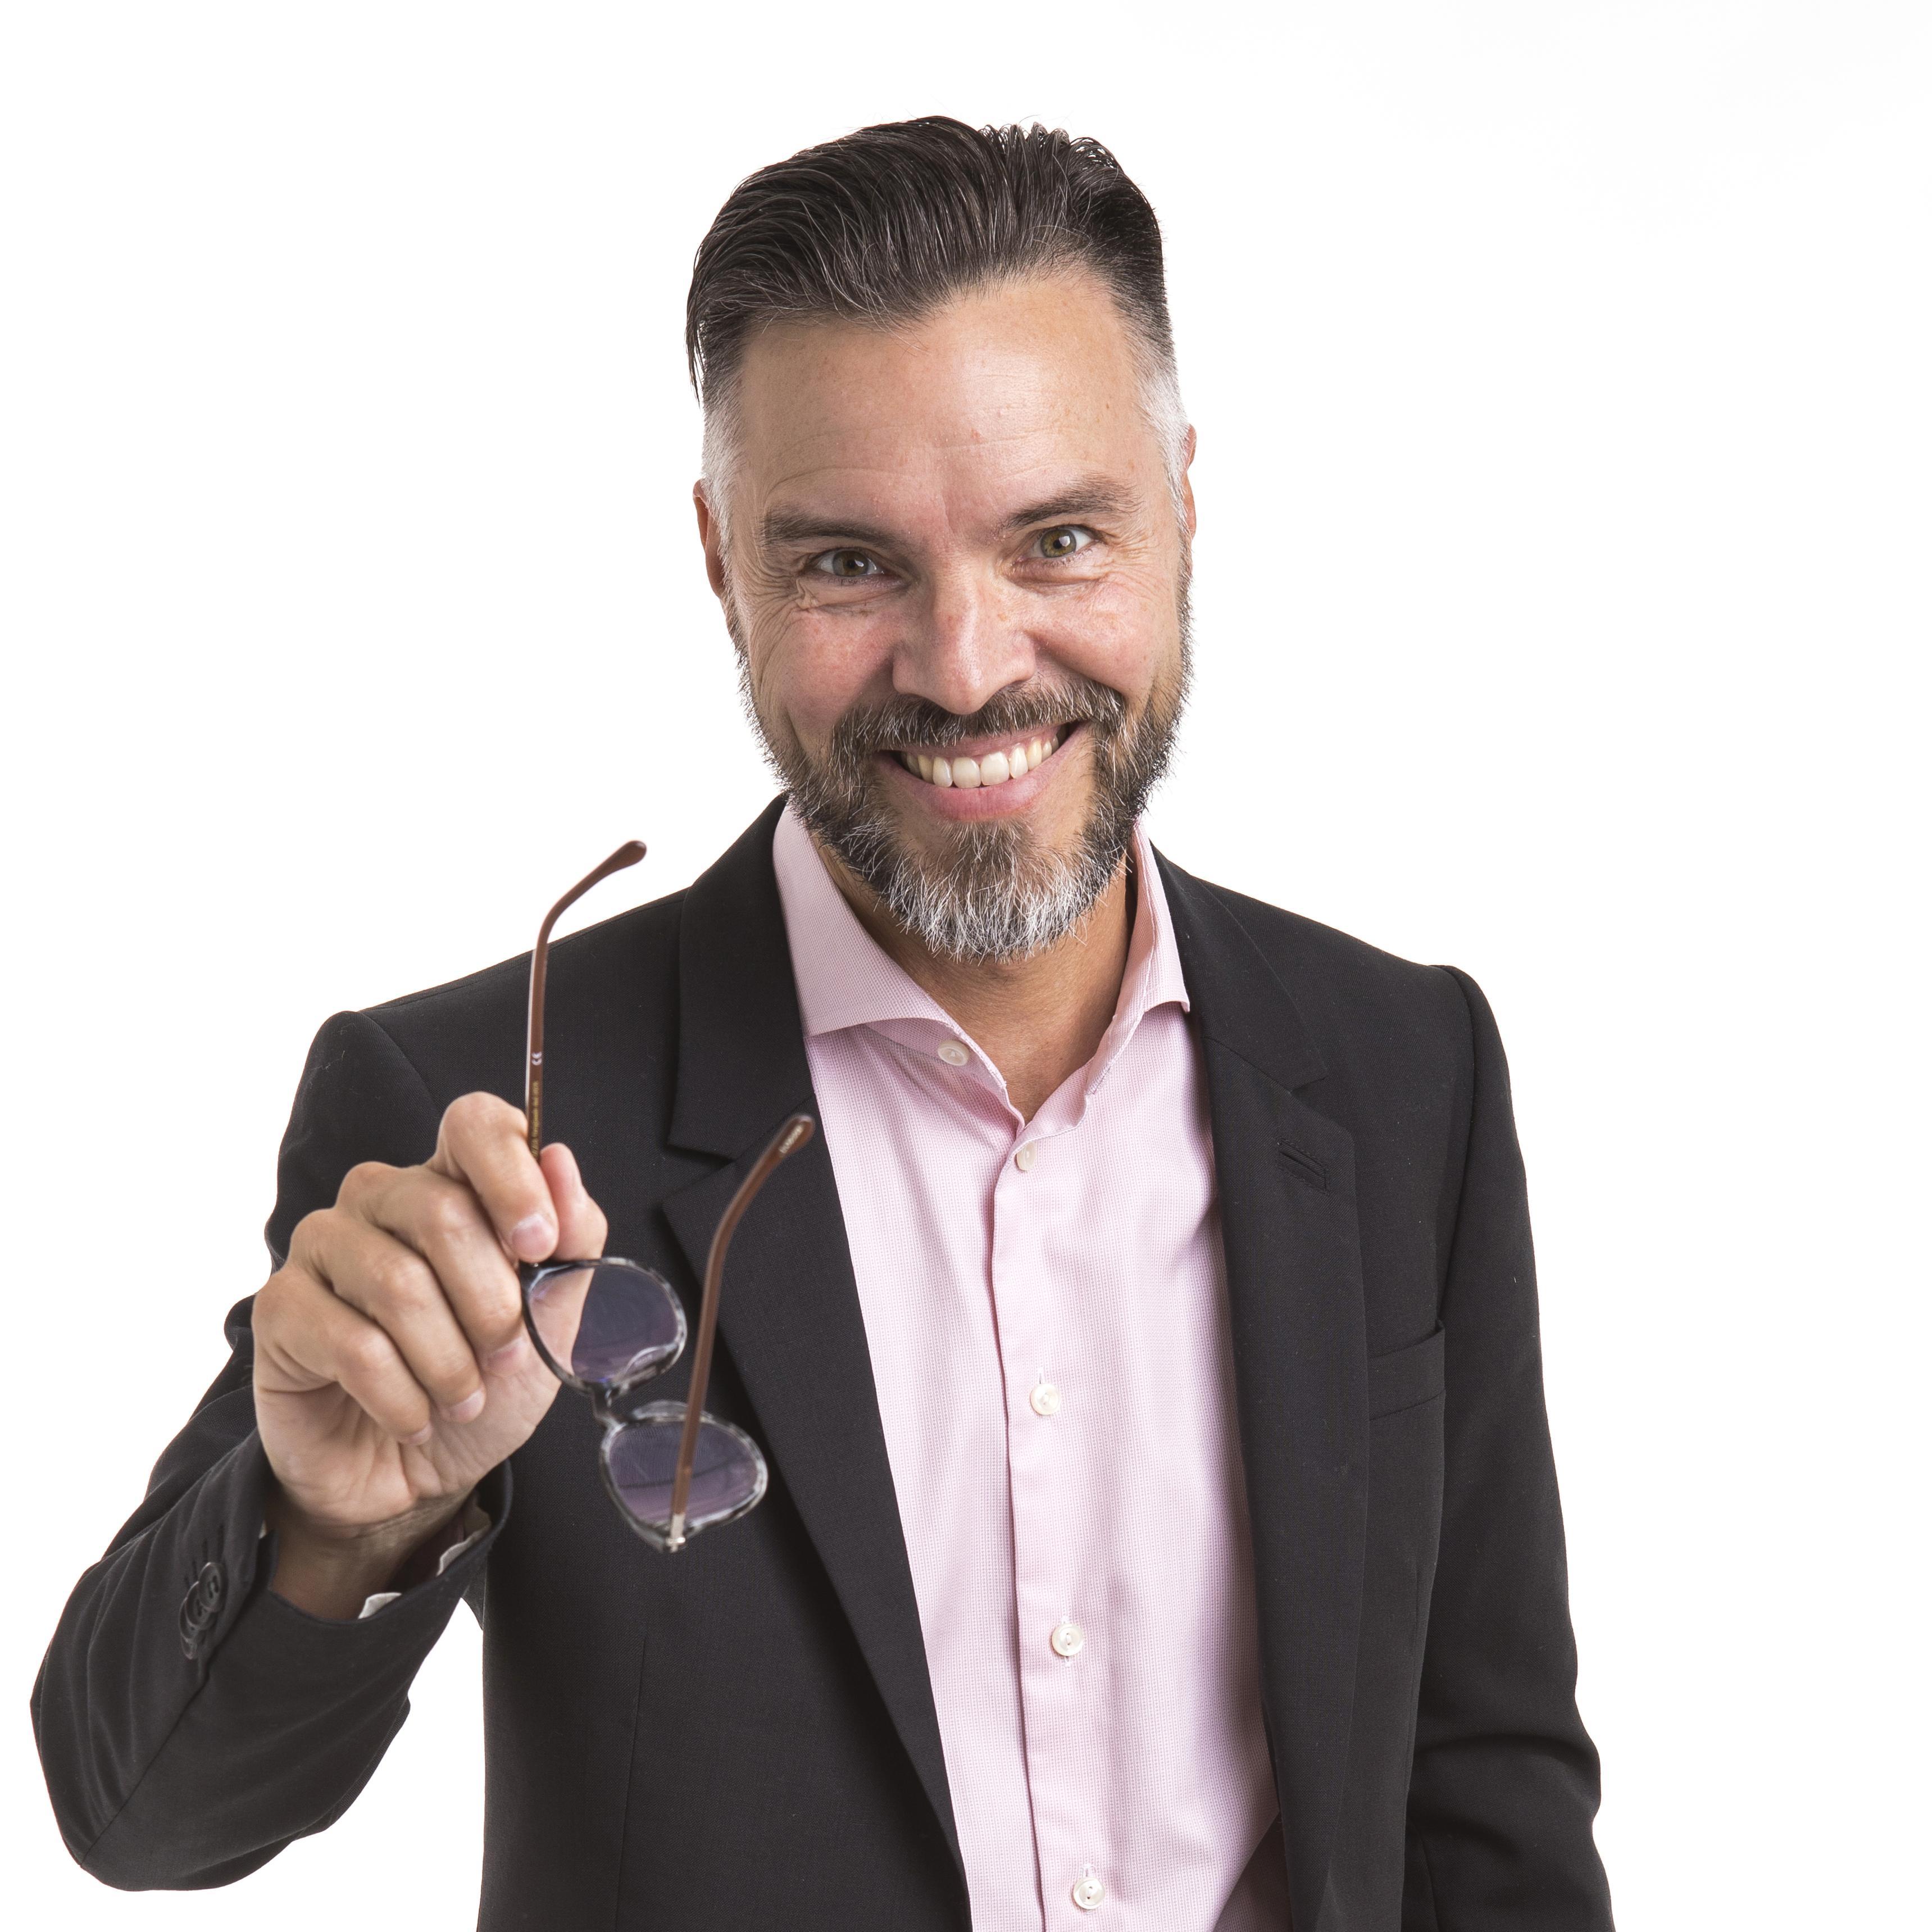 Antoni Lacinai är krönikör på Vd-tidningen.